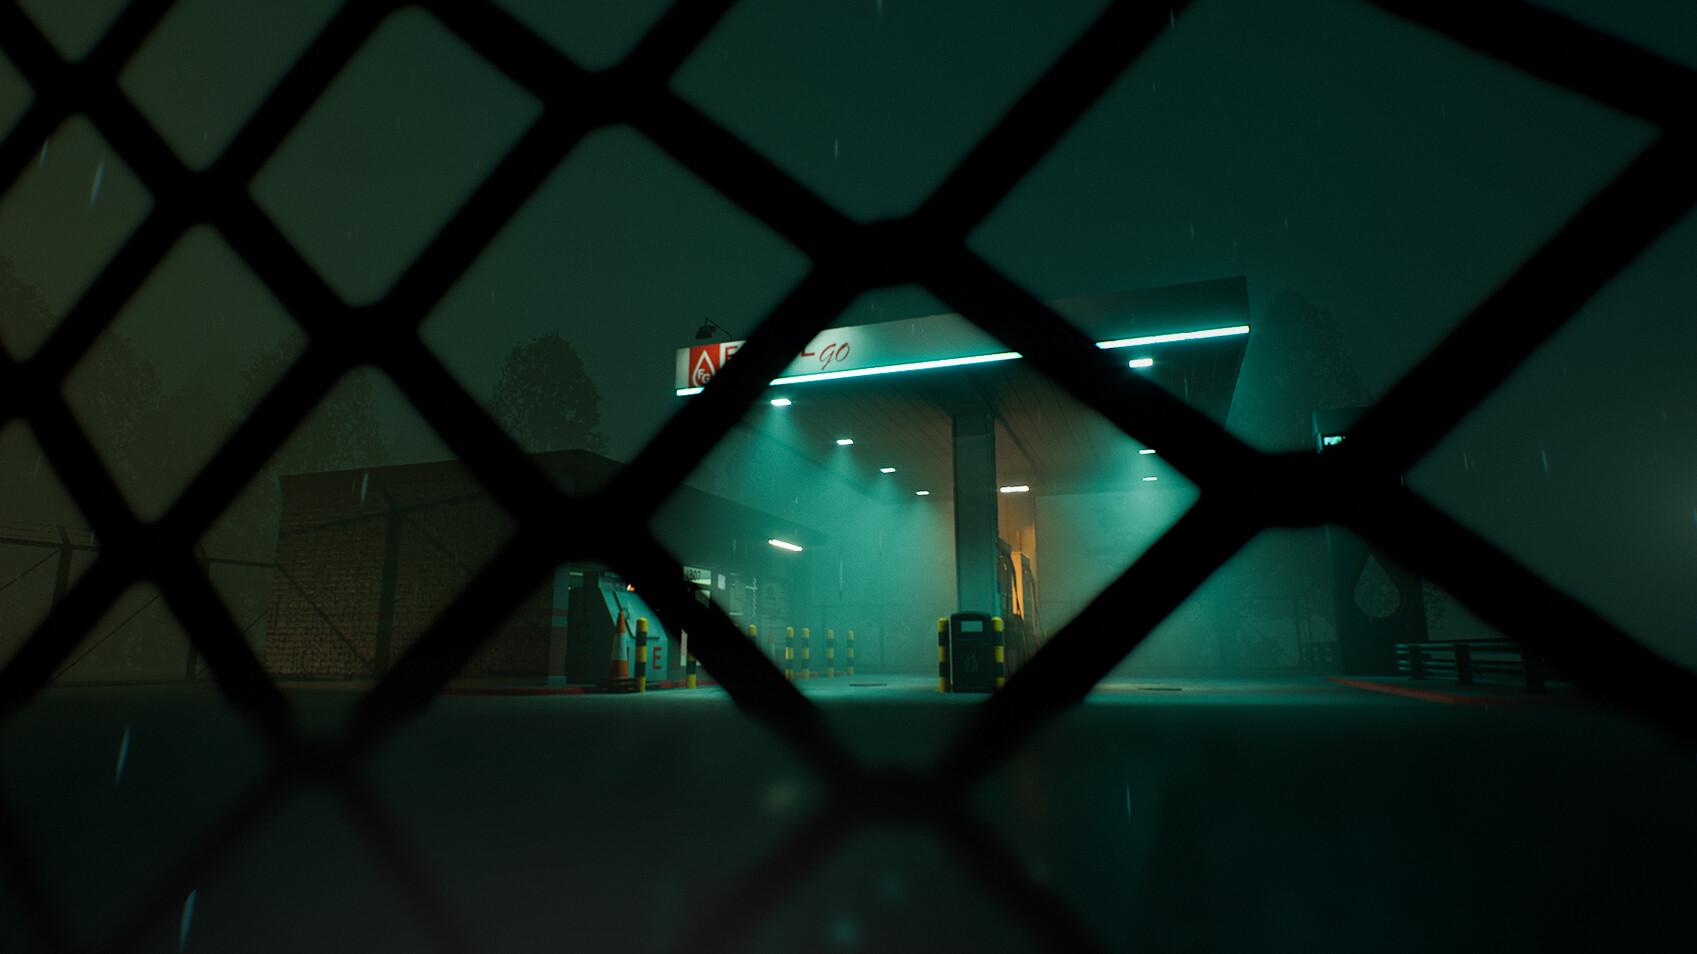 Carmen schneidereit carmenschneidereit gasstation relighting 5